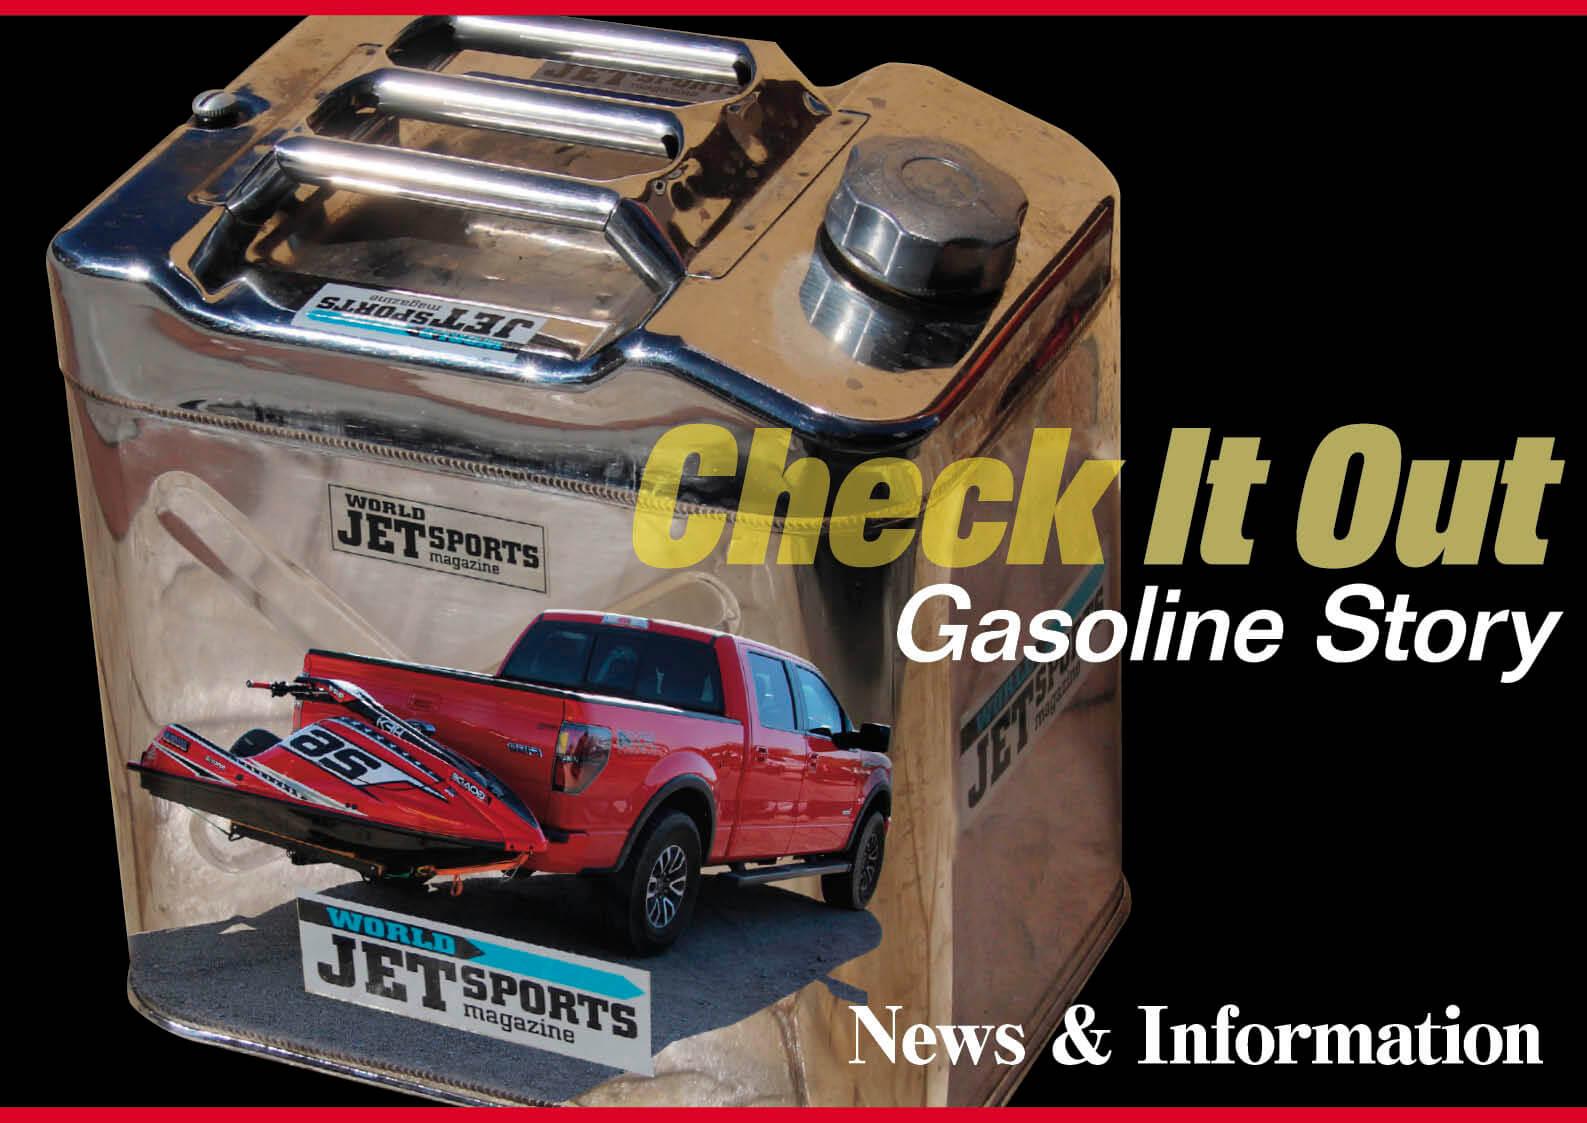 「ガソリン問題」は現代社会のブラックボックス⁉「ハイオクの品質はほぼ同じ」とトップが認めたのに、いまだに各ブランドの宣伝表記はバラバラ!?  (水上バイク)ジェットスキー